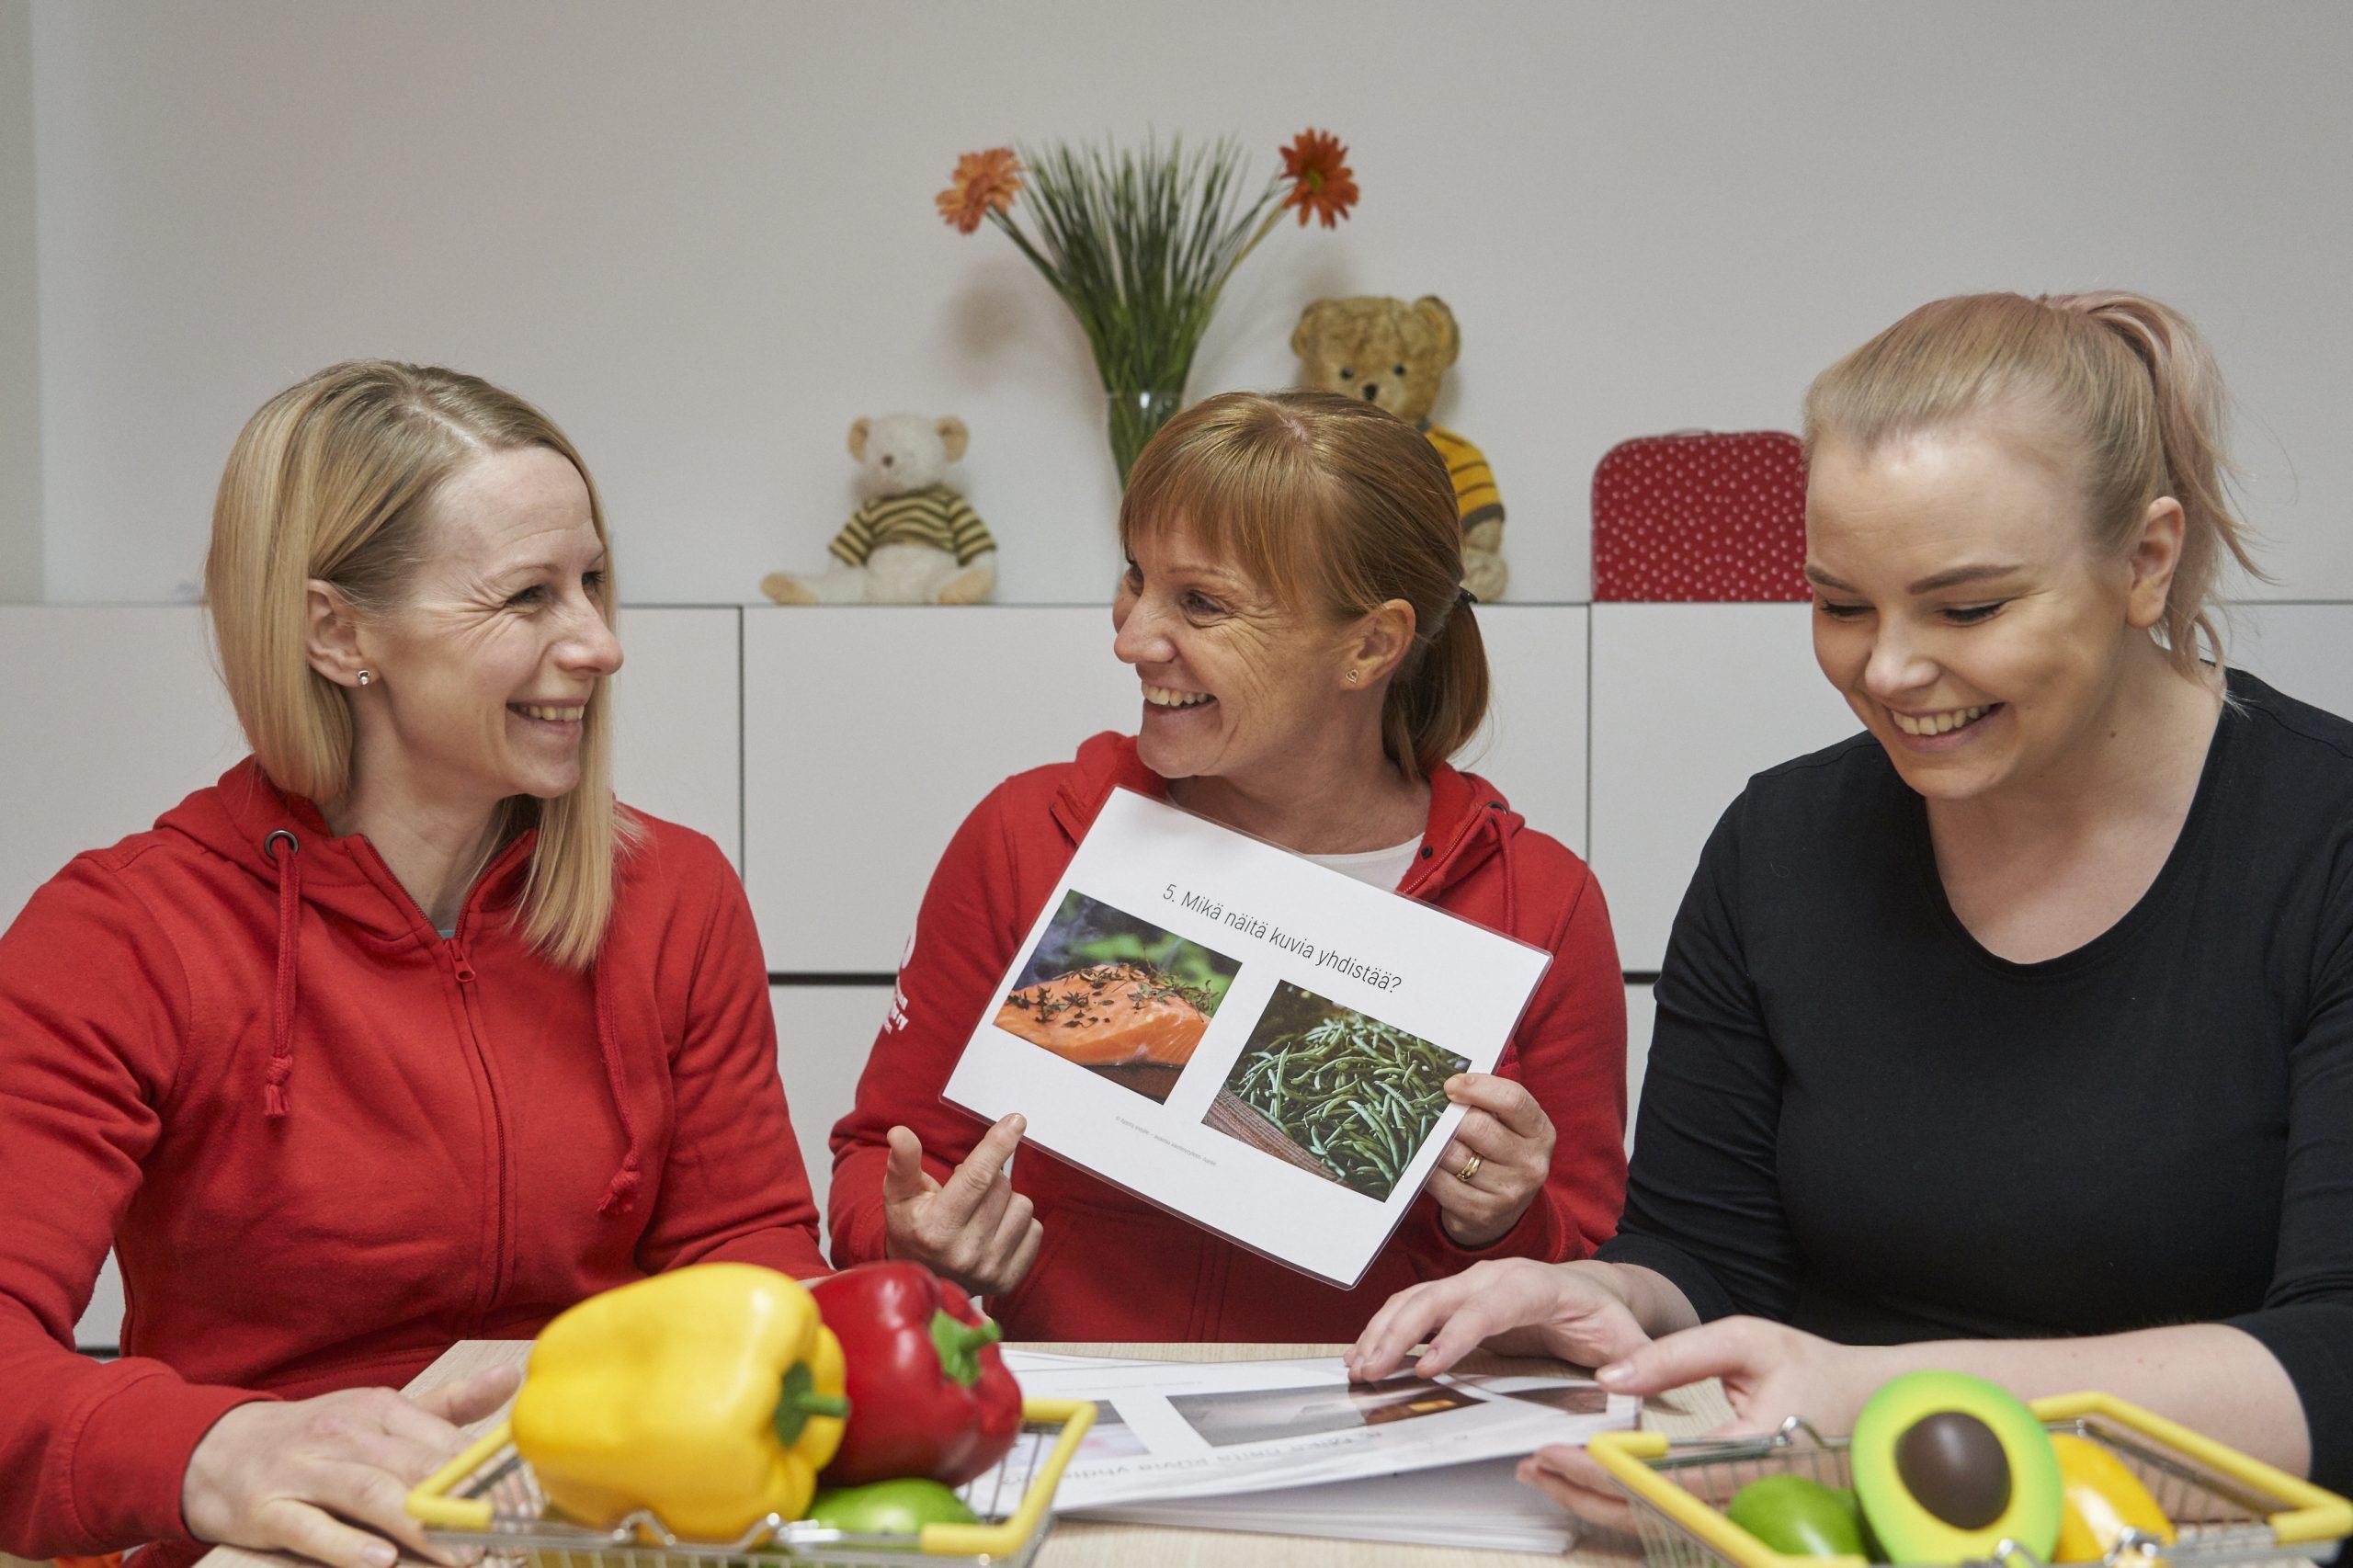 Apetta aivoille - avaimia aivoterveyteen -hankkeen työntekijät; Kirsi, Johanna ja Marianna